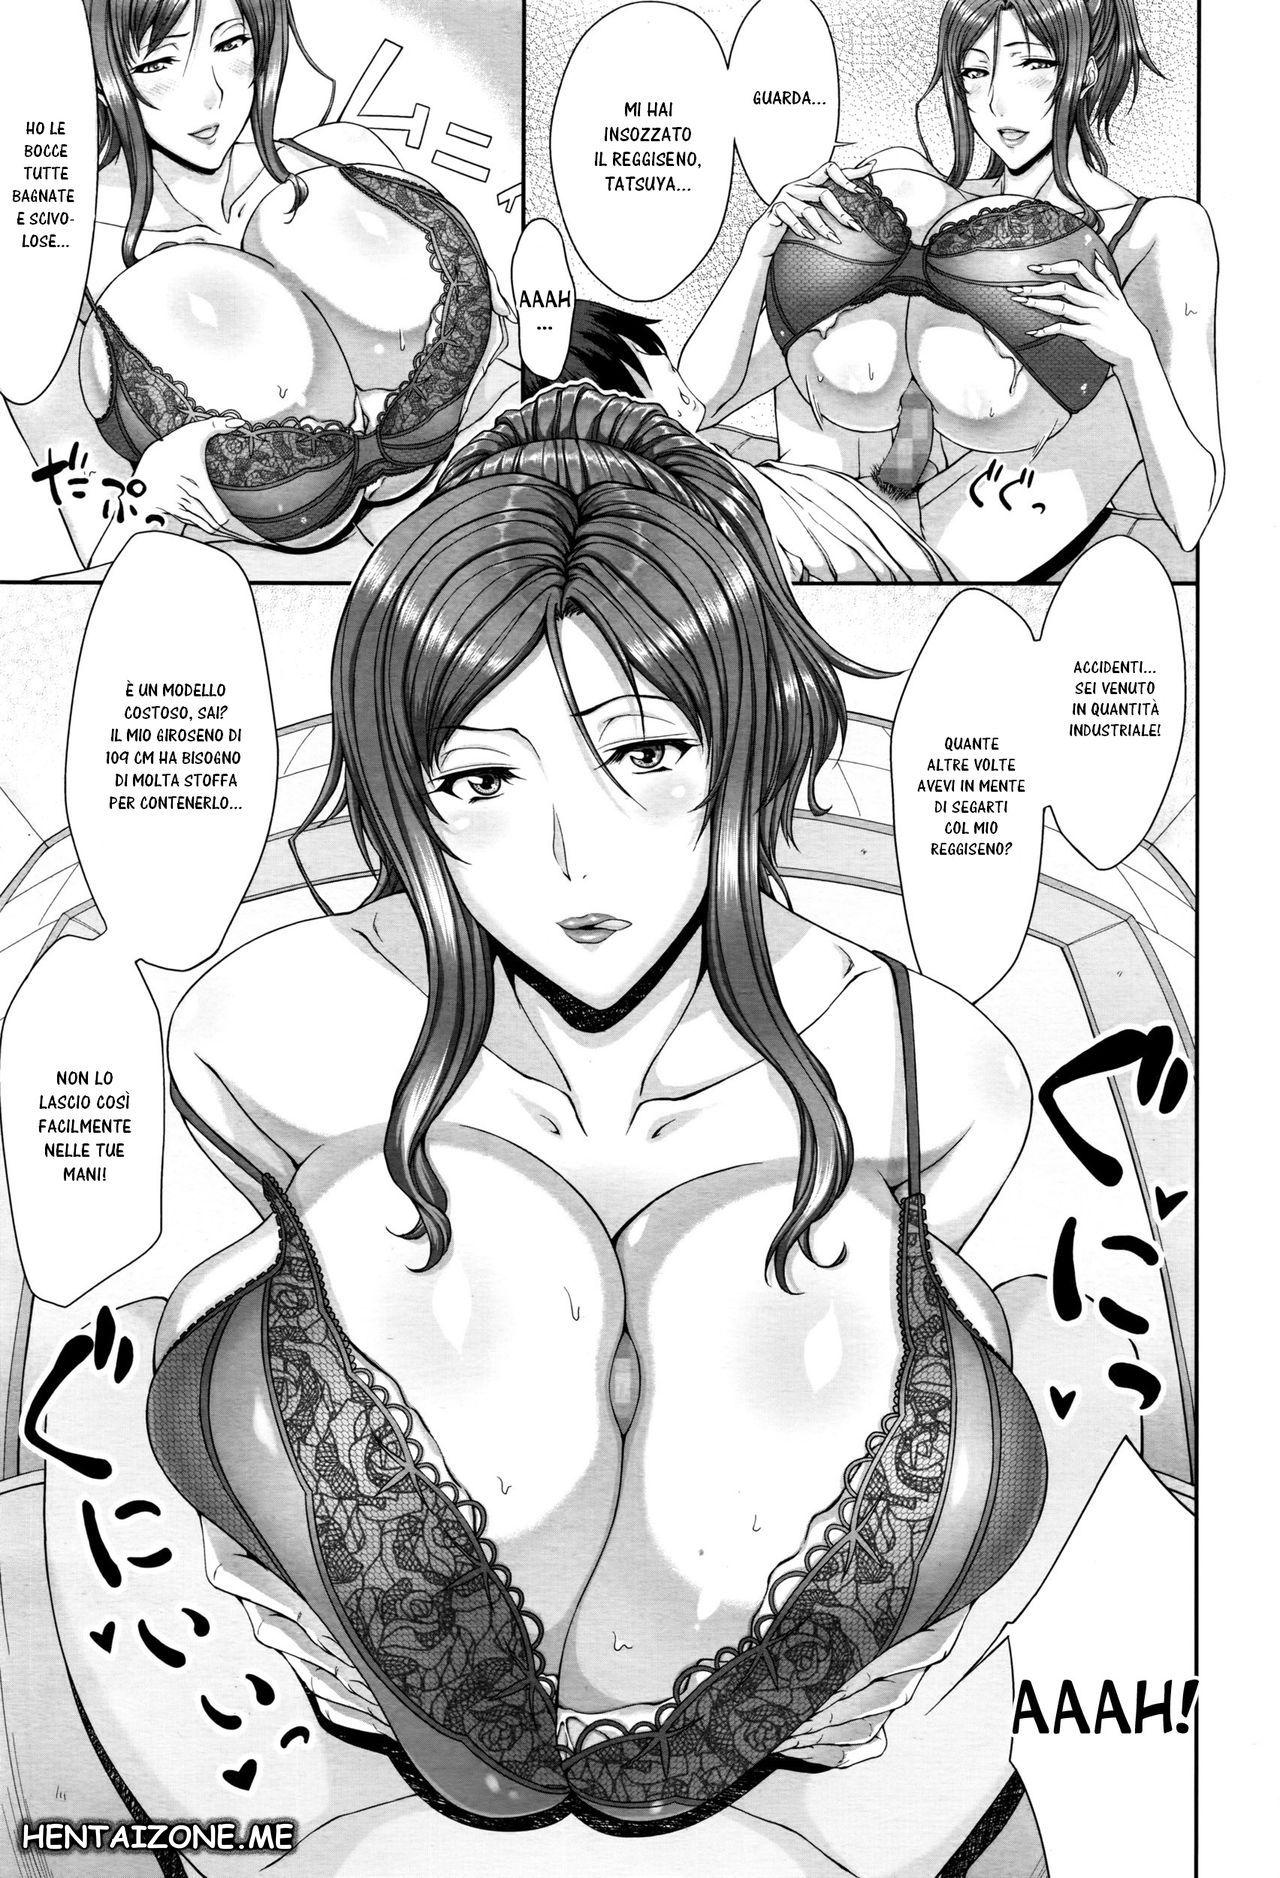 hentai femdom lingeria mutandine sporche manga sex porno